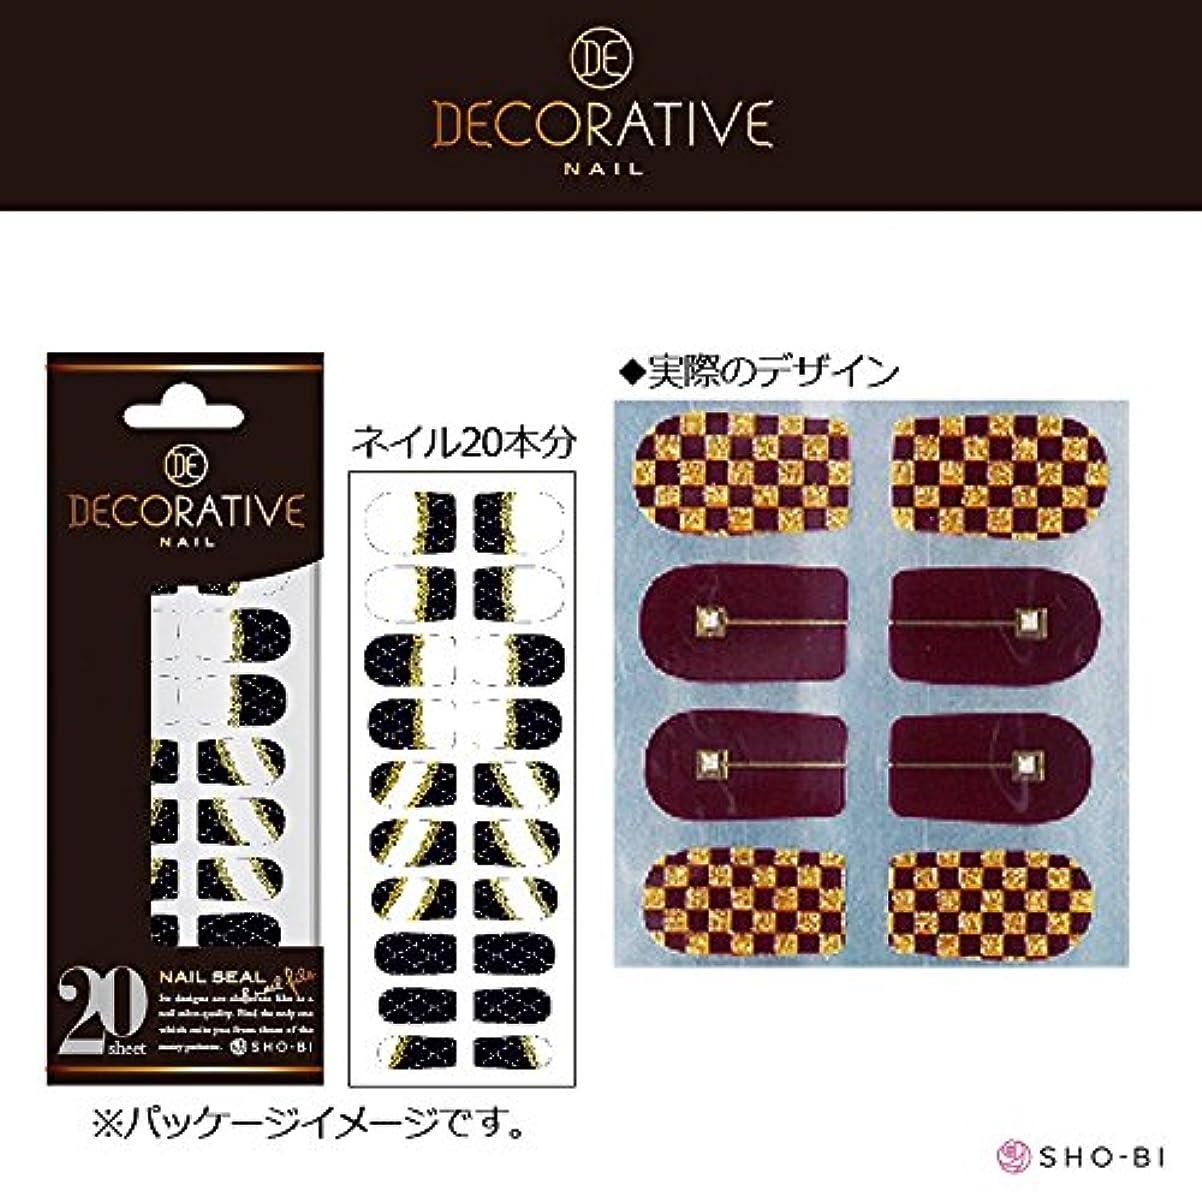 原告原告ピンポイントデコラティブネイル ラッピングシール オールドチェス TN80501